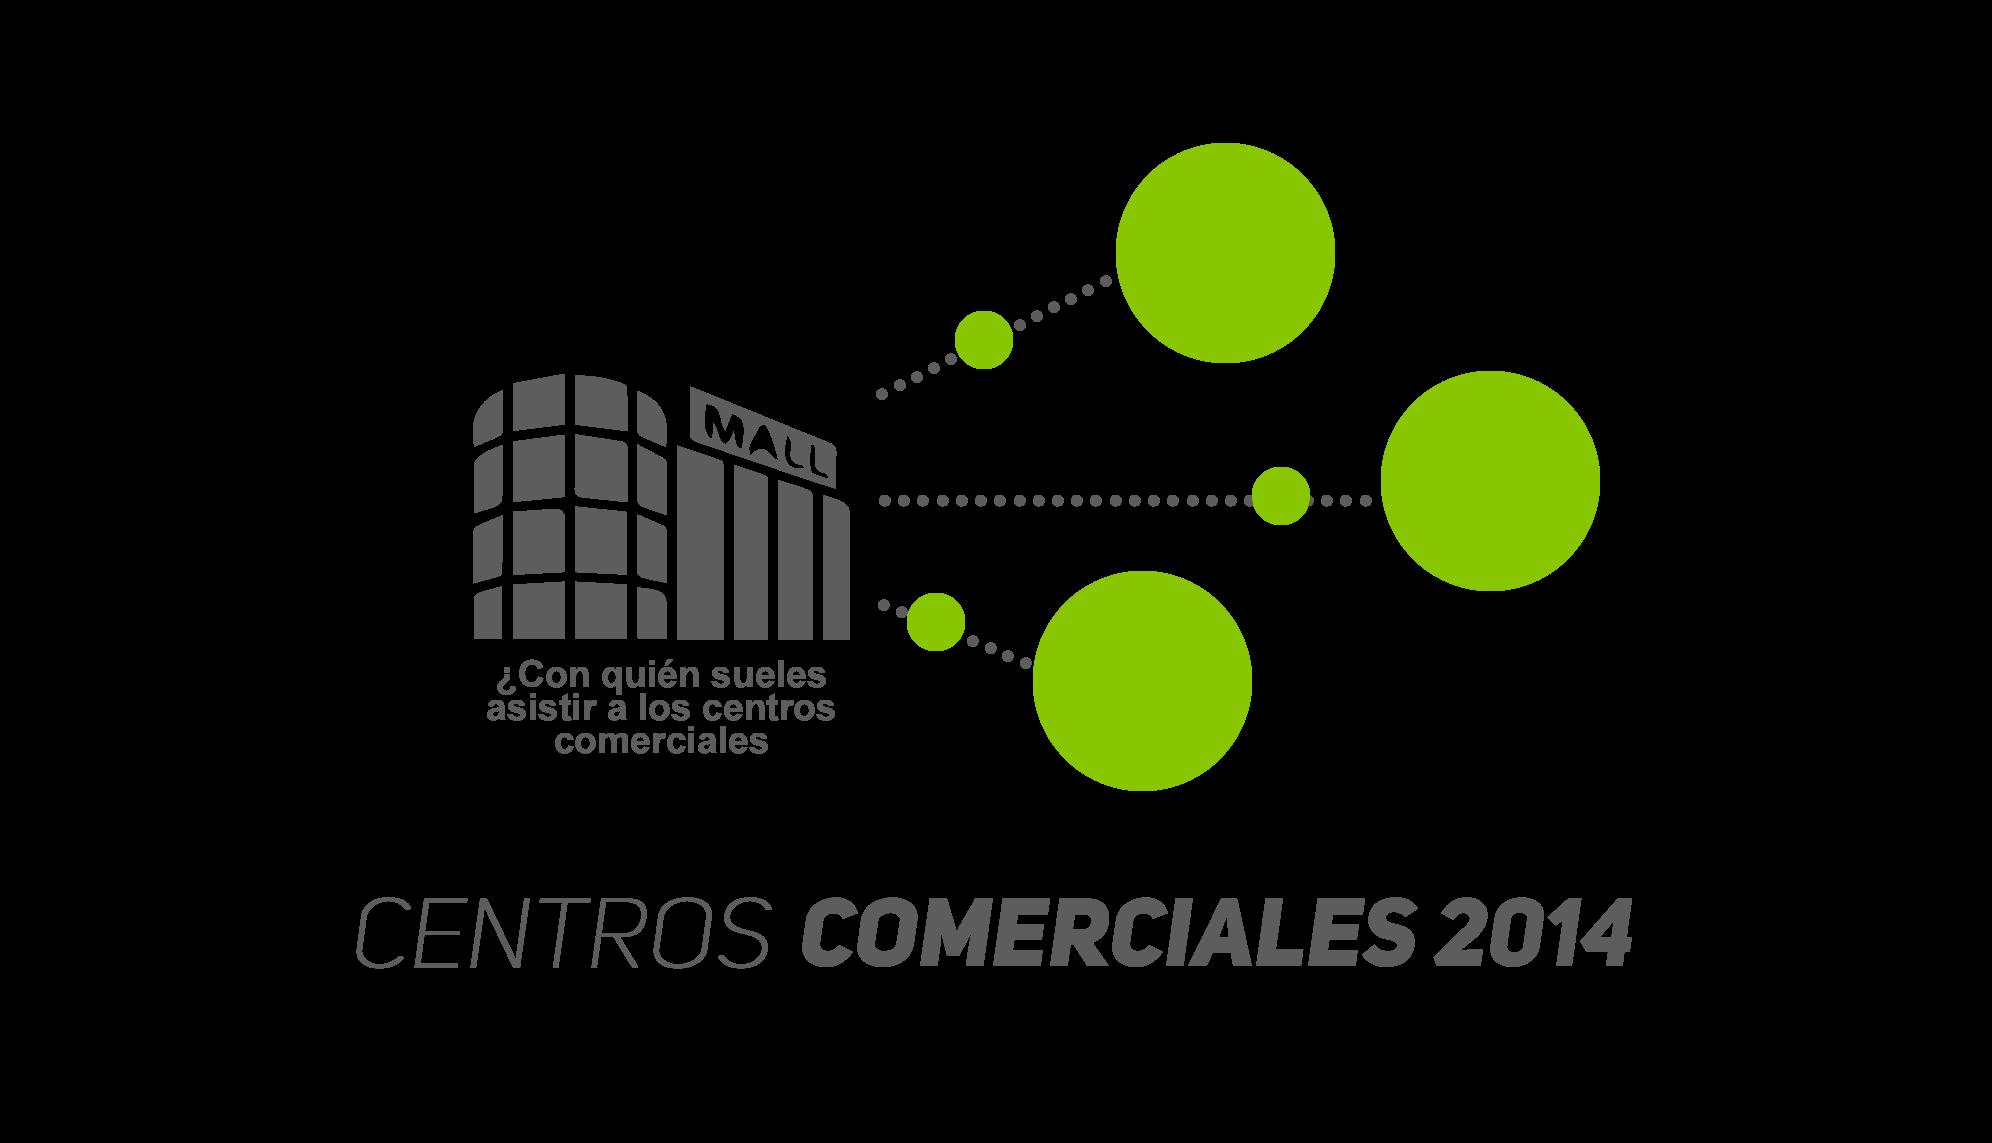 Centros Comerciales 2014